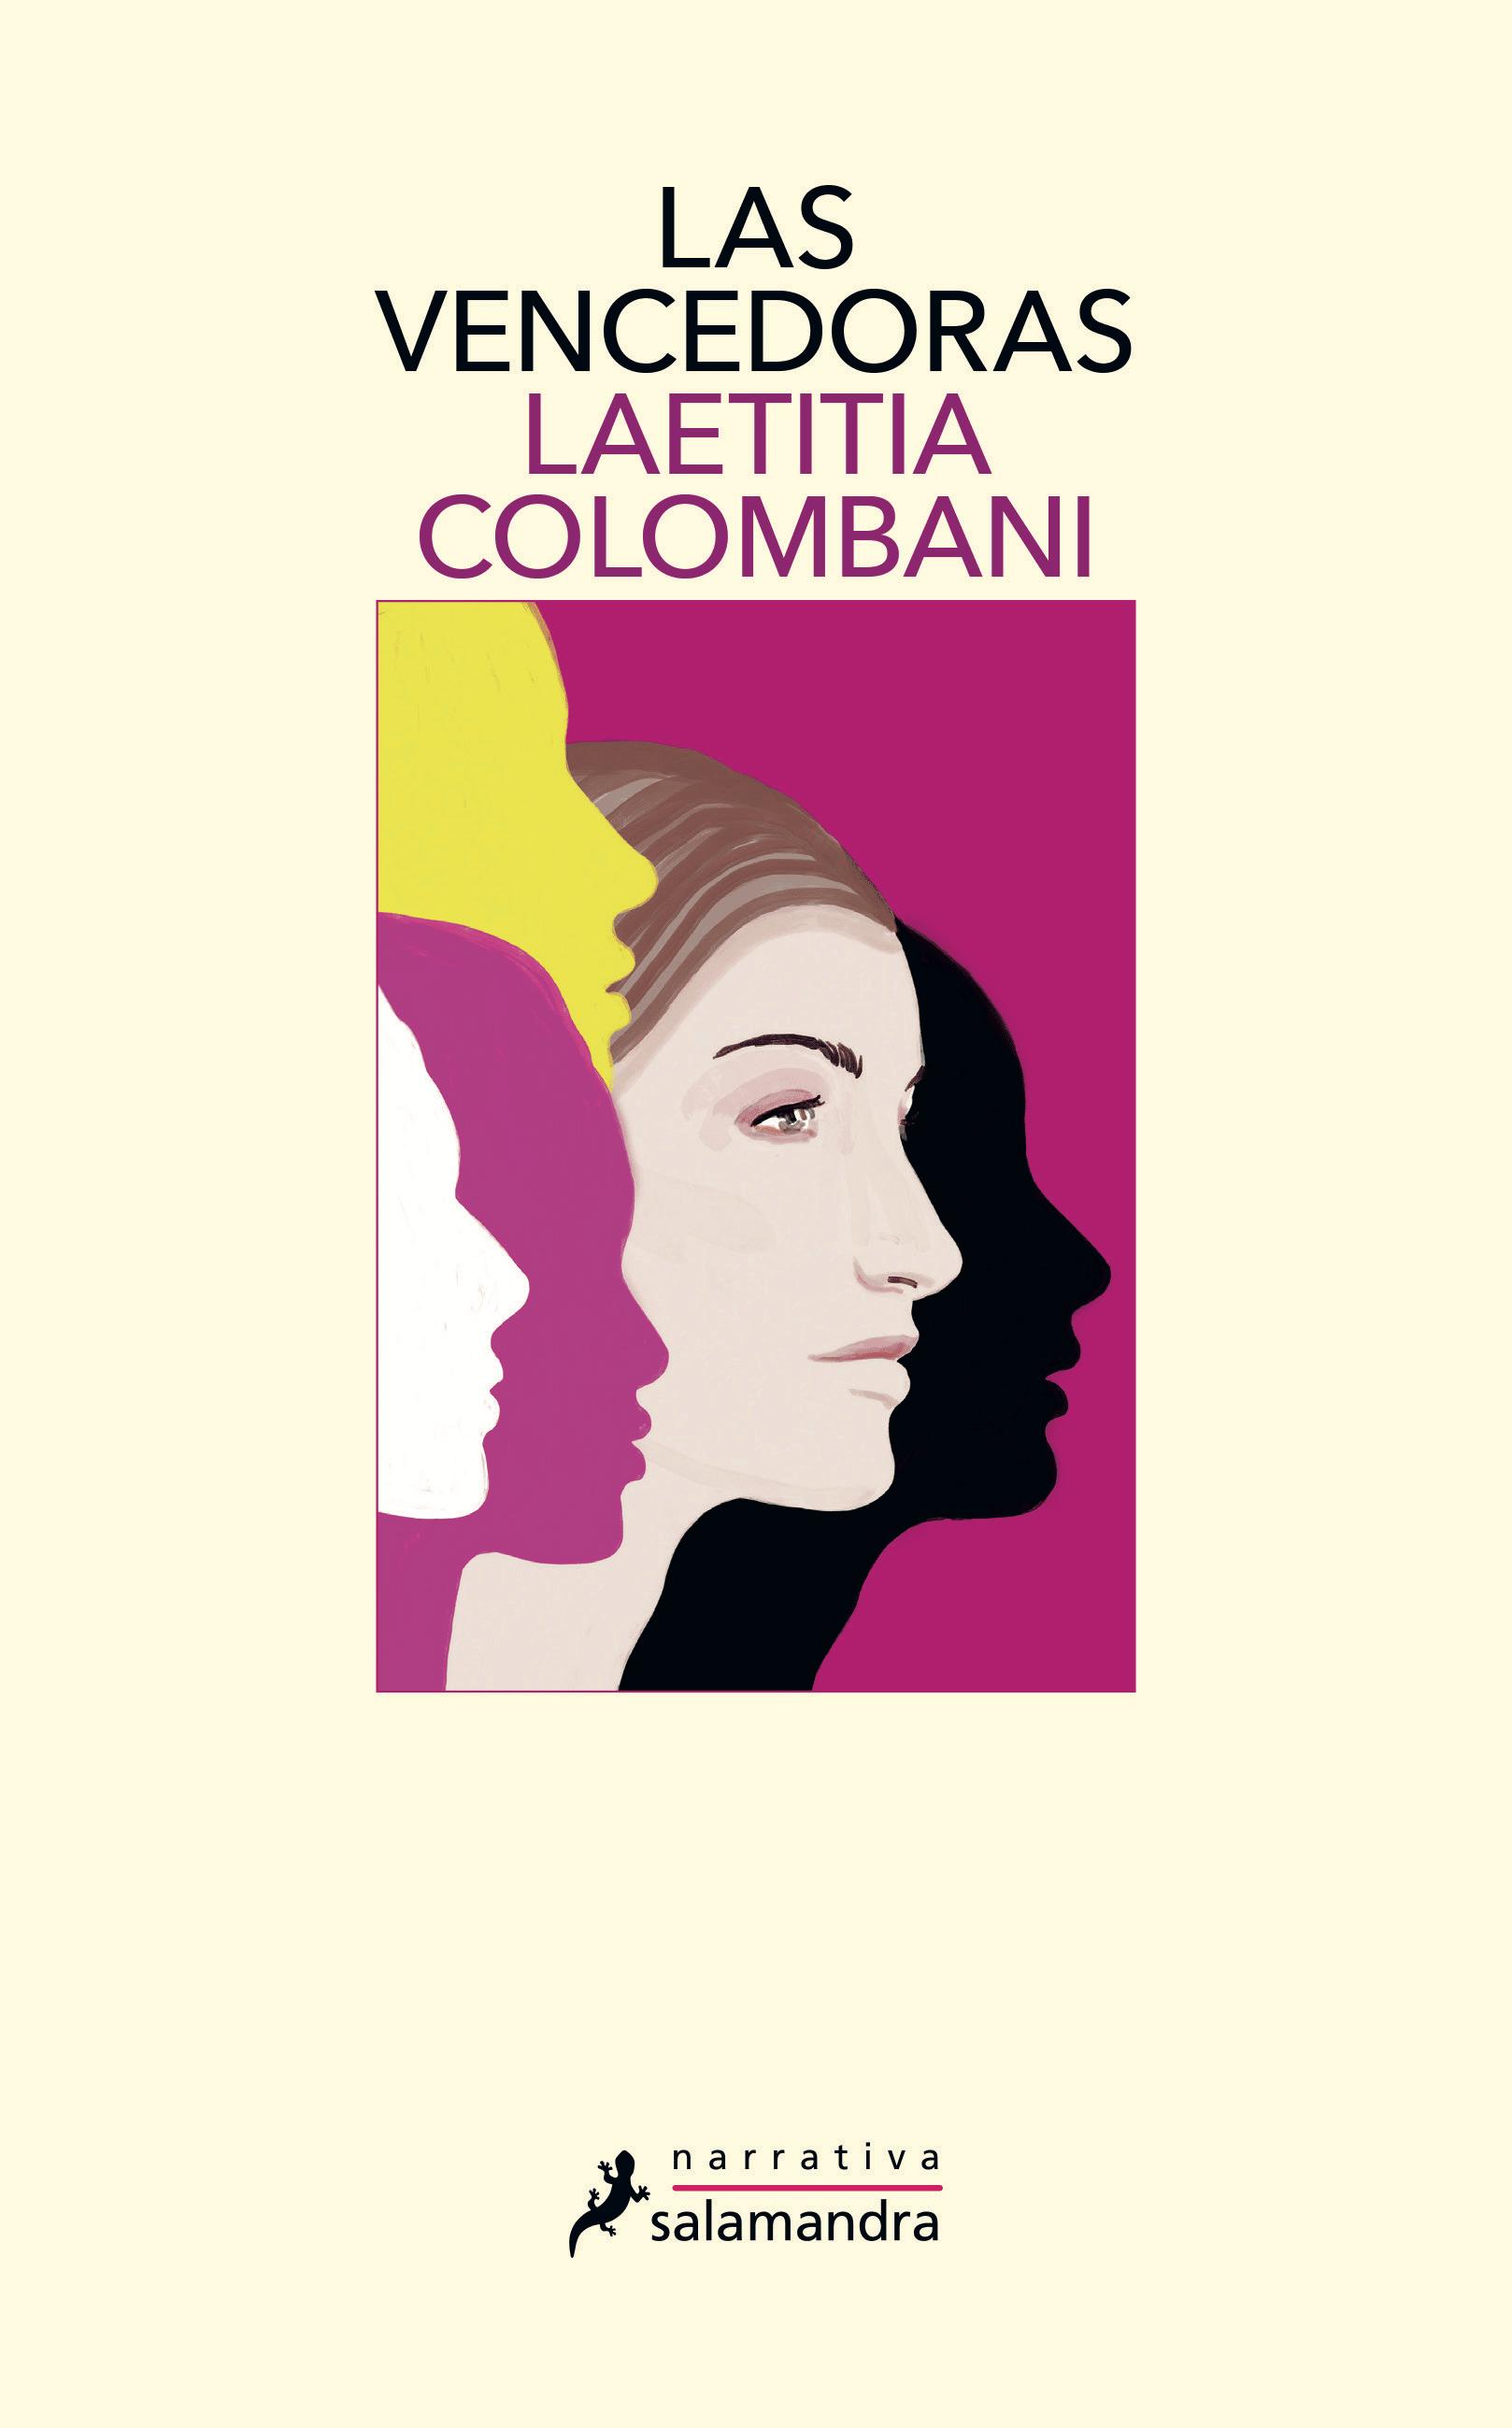 Las vencedoras  de Laetitia Colombani